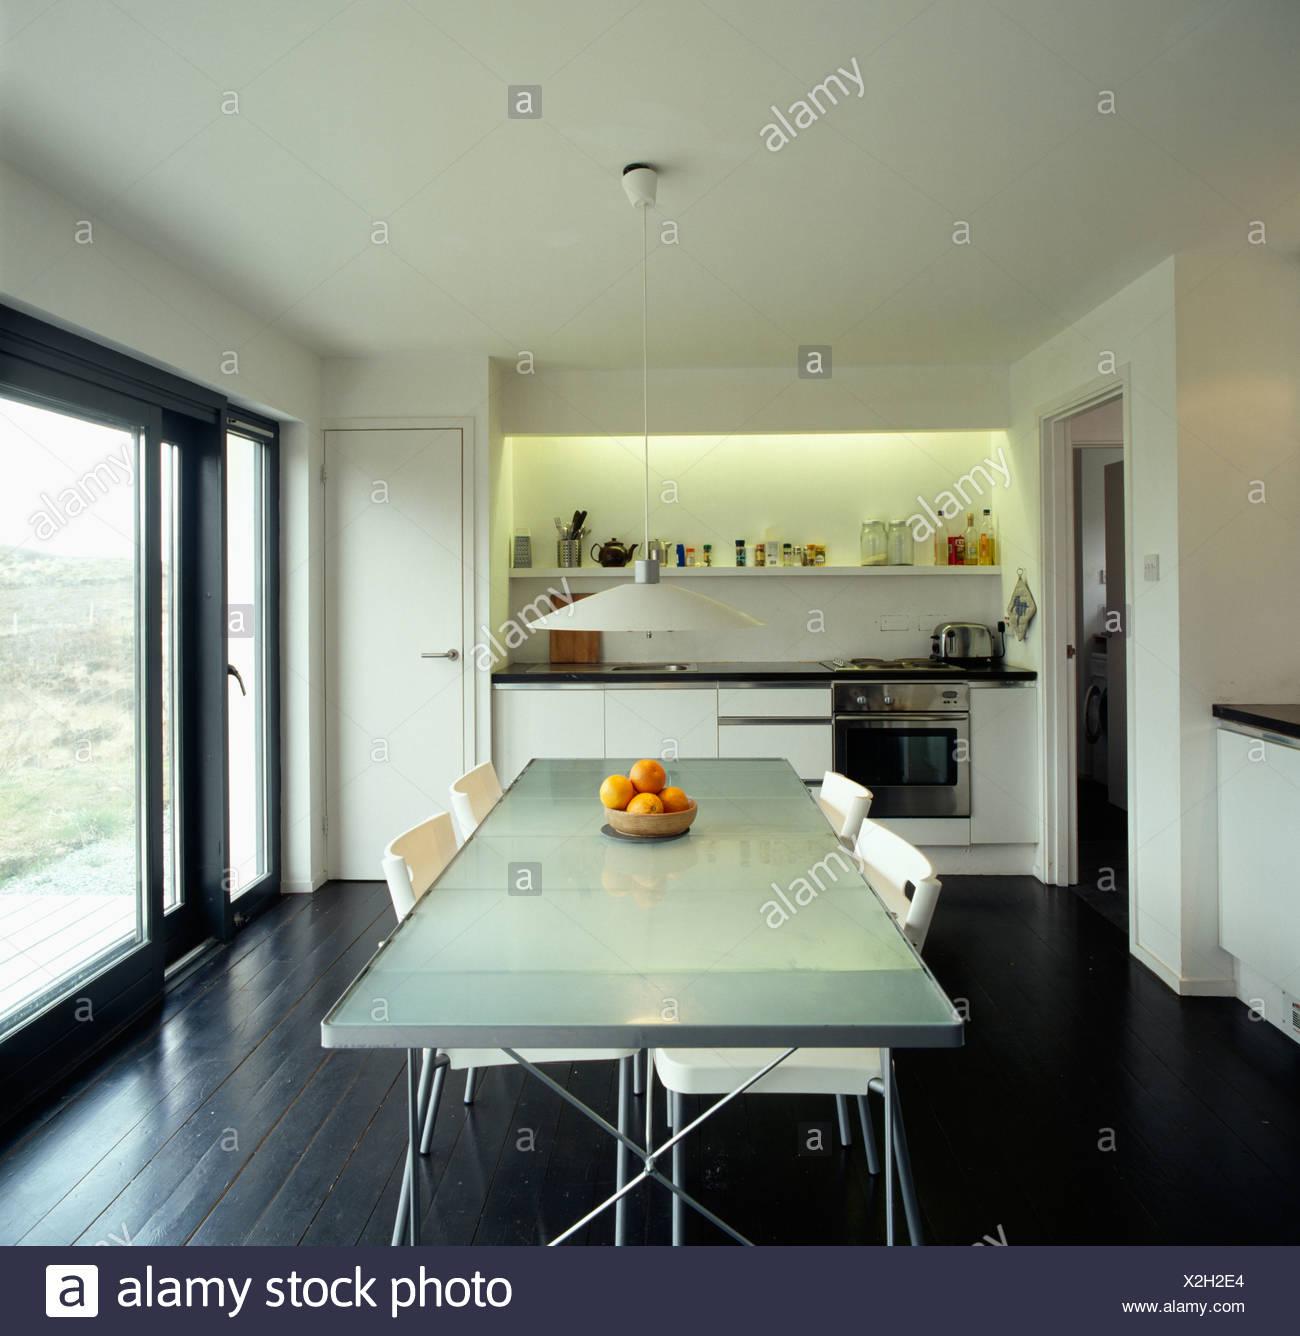 Chaises Blanc Recouvert De Verre Opaque à Table Dans Une Cuisine